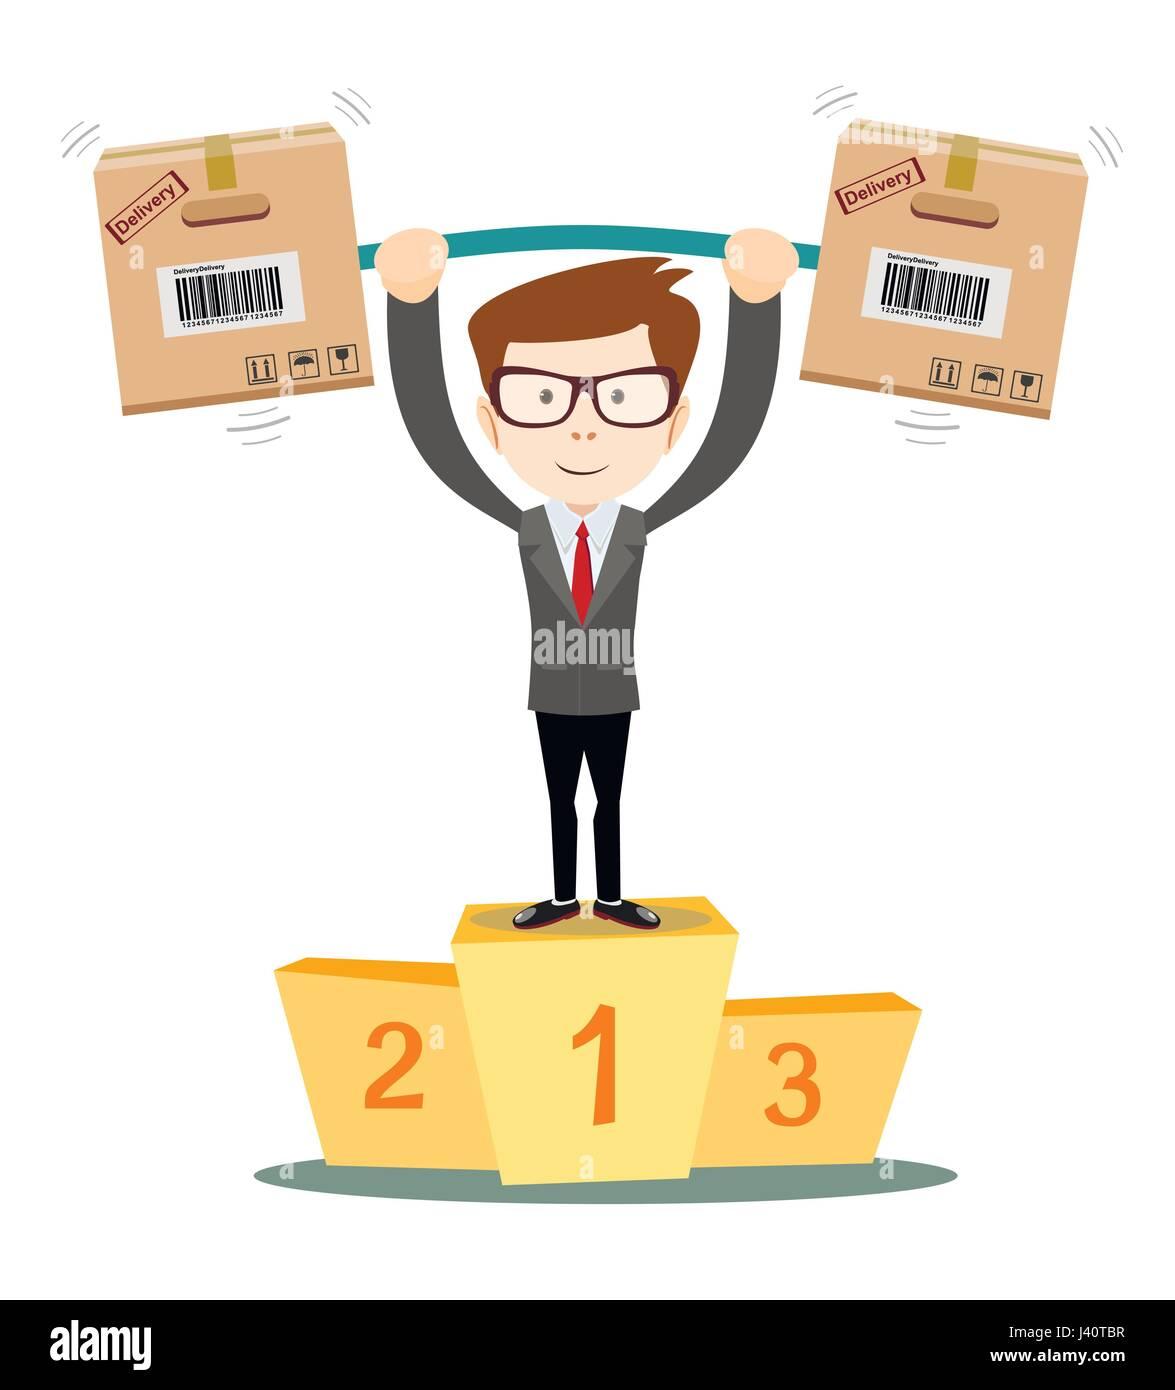 Servizio di consegna uomo con scatola vincente sul podio Immagini Stock